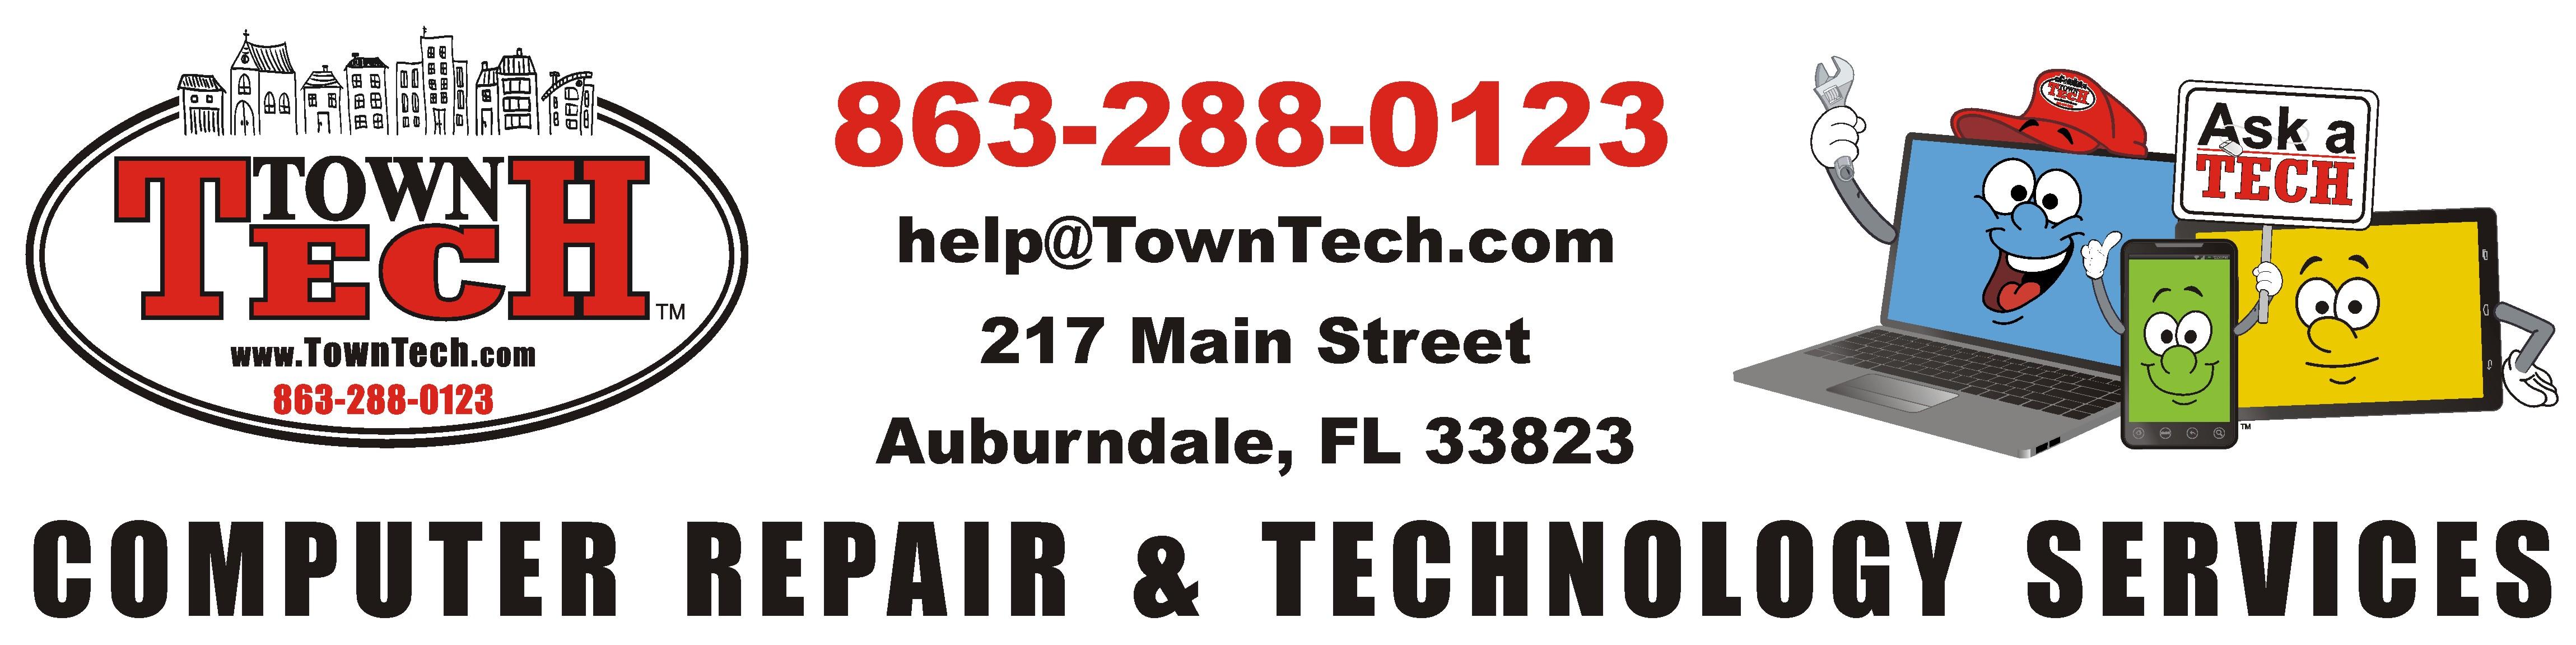 TownTech.com | Town Tech, LLC